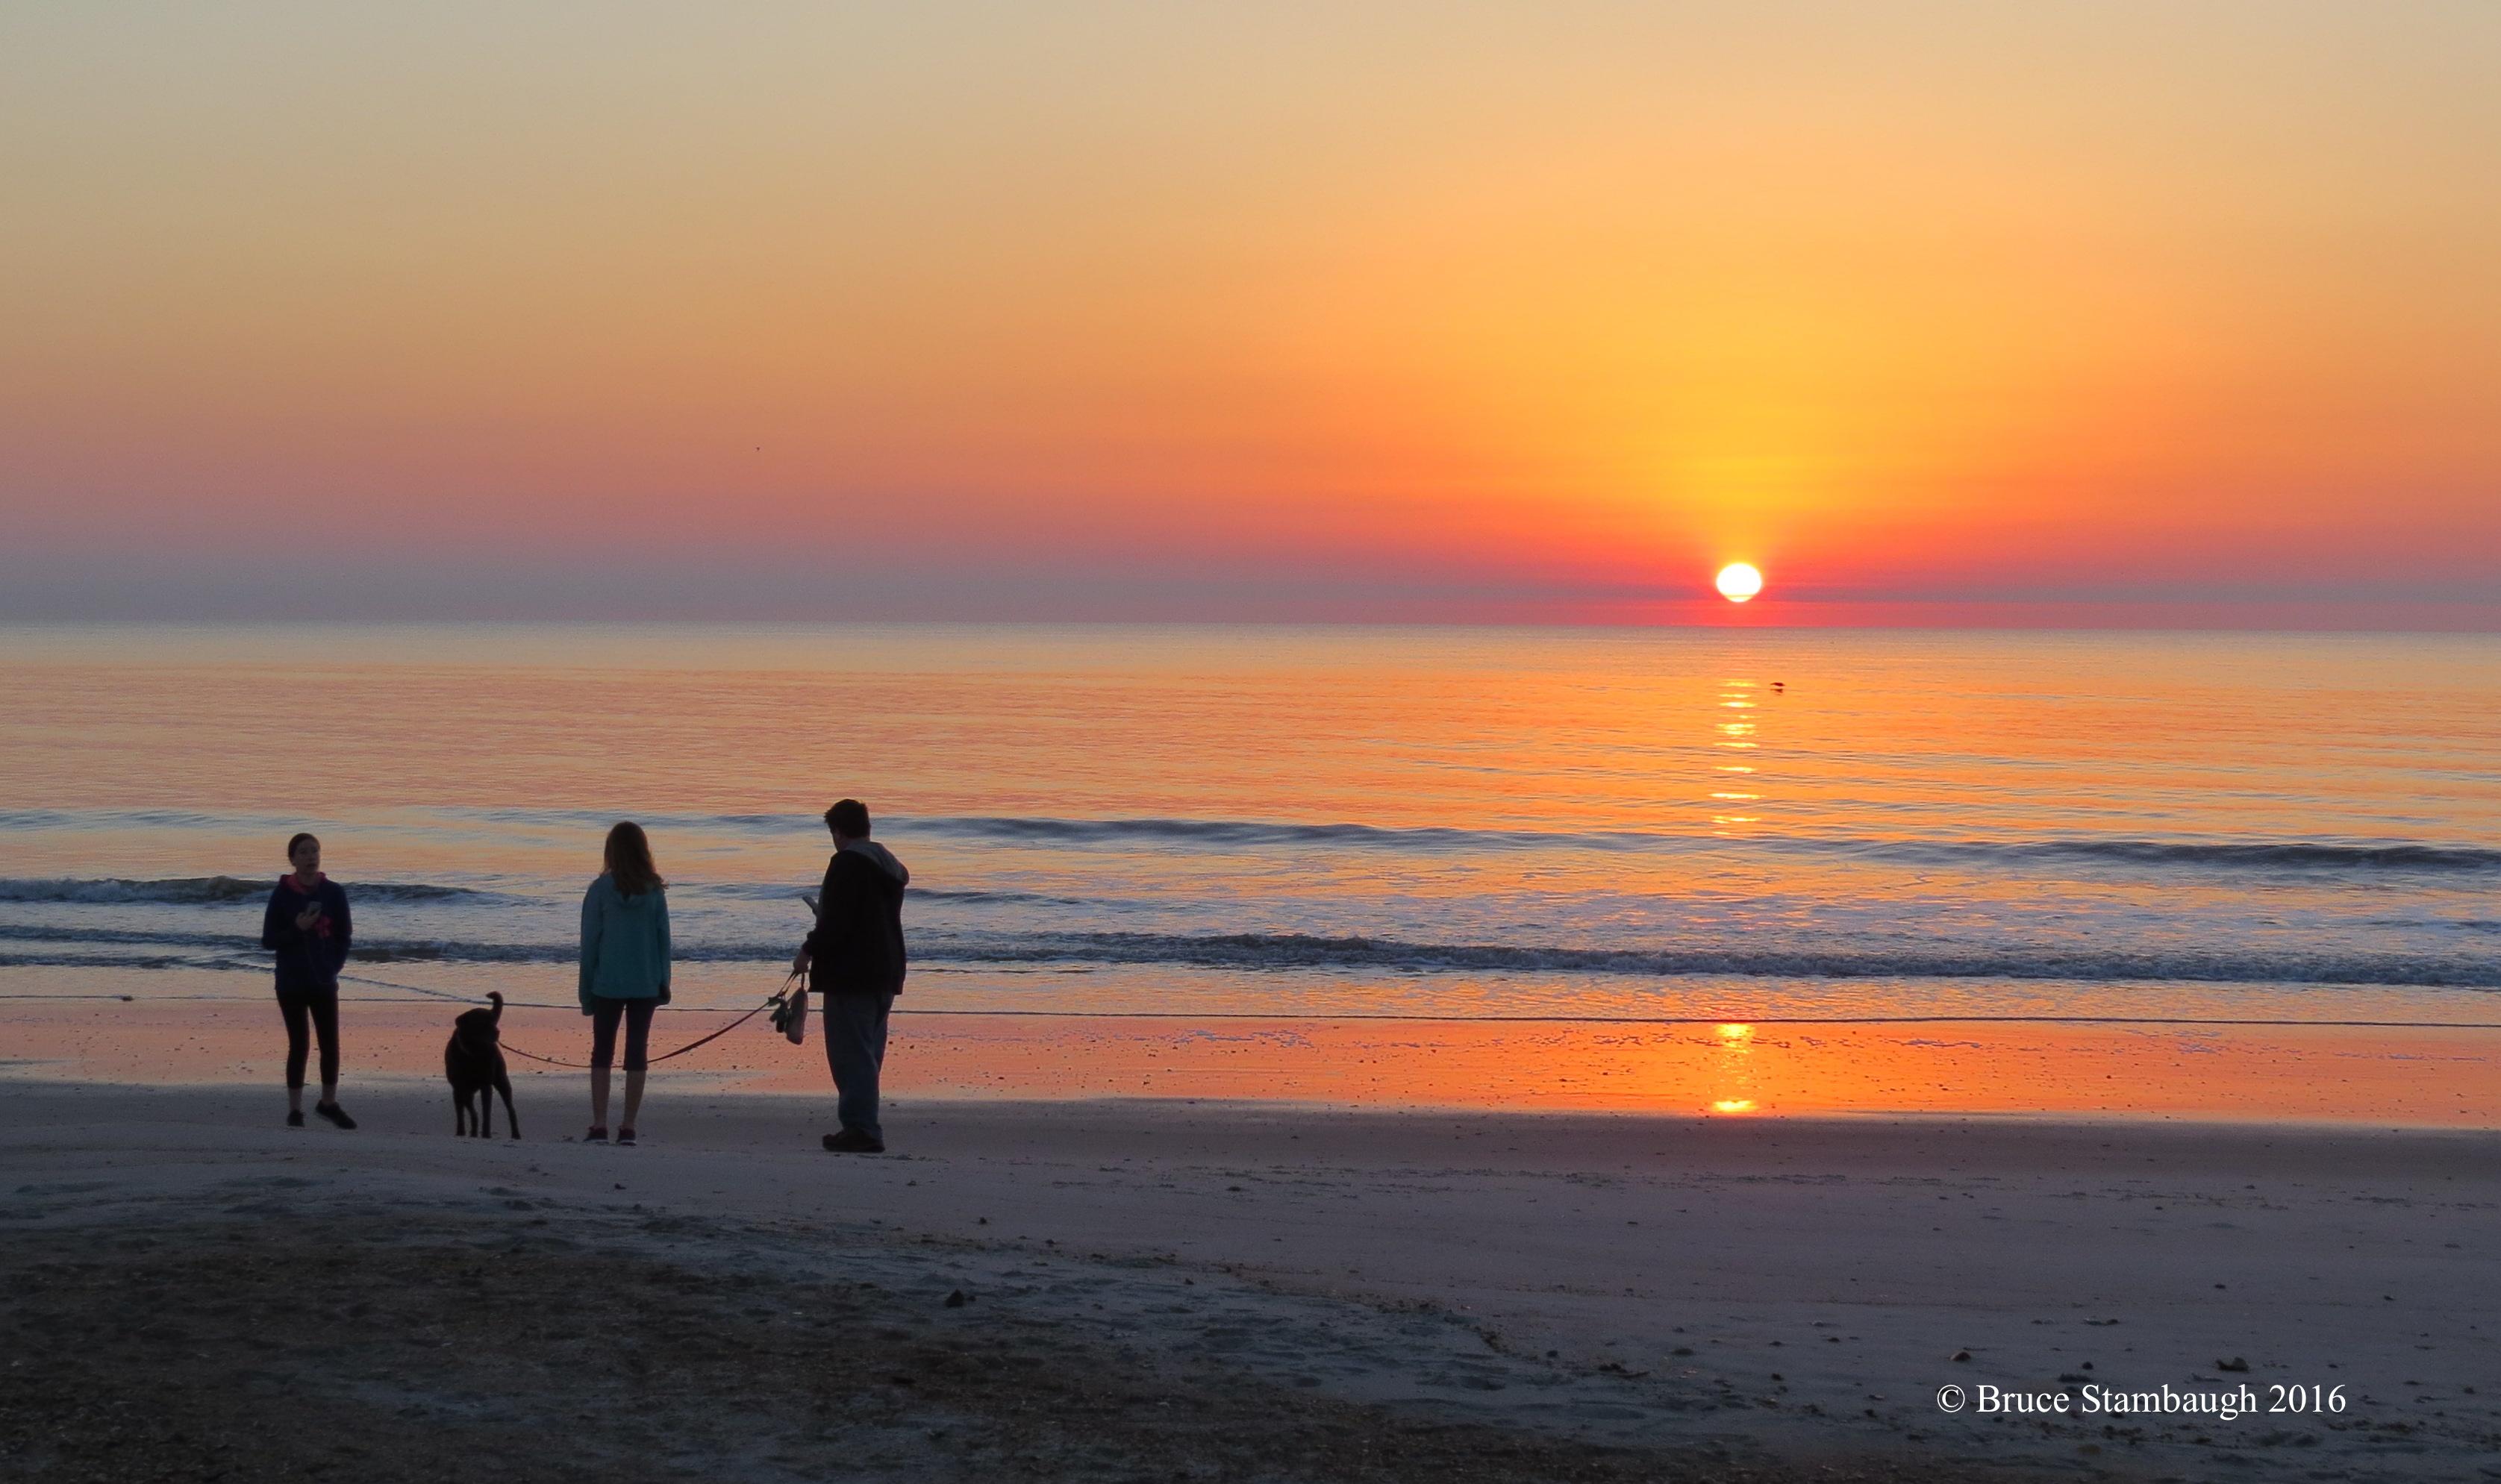 sunrise photo, family on beach